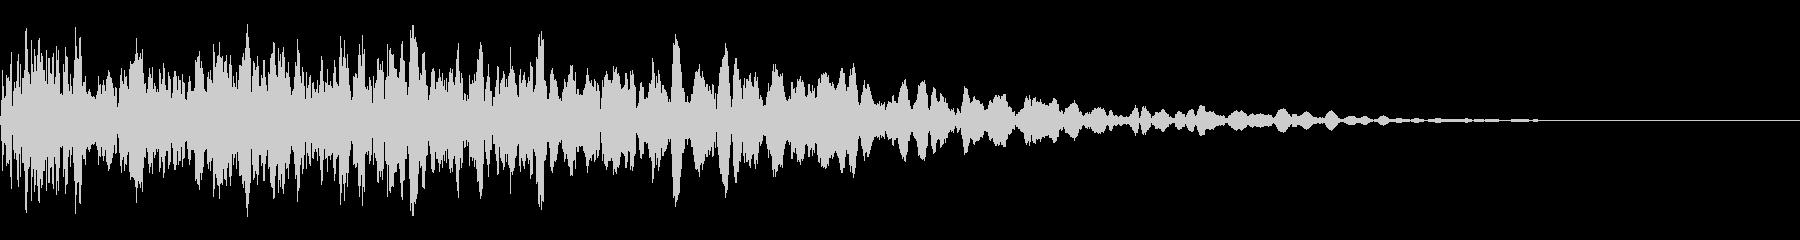 ドカン (爆発音)の未再生の波形